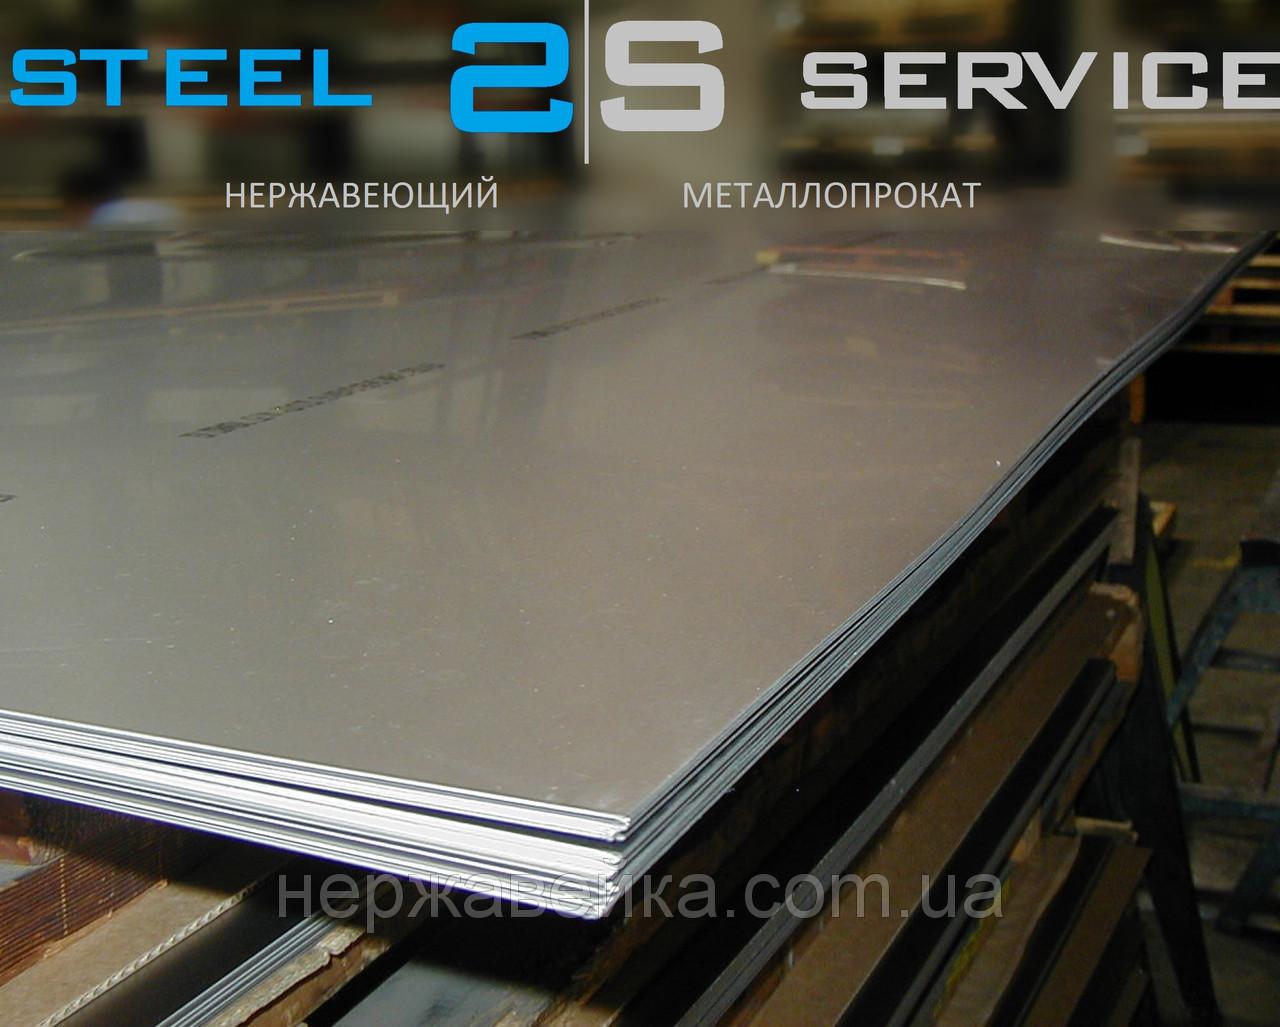 Листовая нержавейка 0,8х1000х2000мм  AISI 316L(03Х17Н14М3) 4N - шлифованный,  кислотостойкий